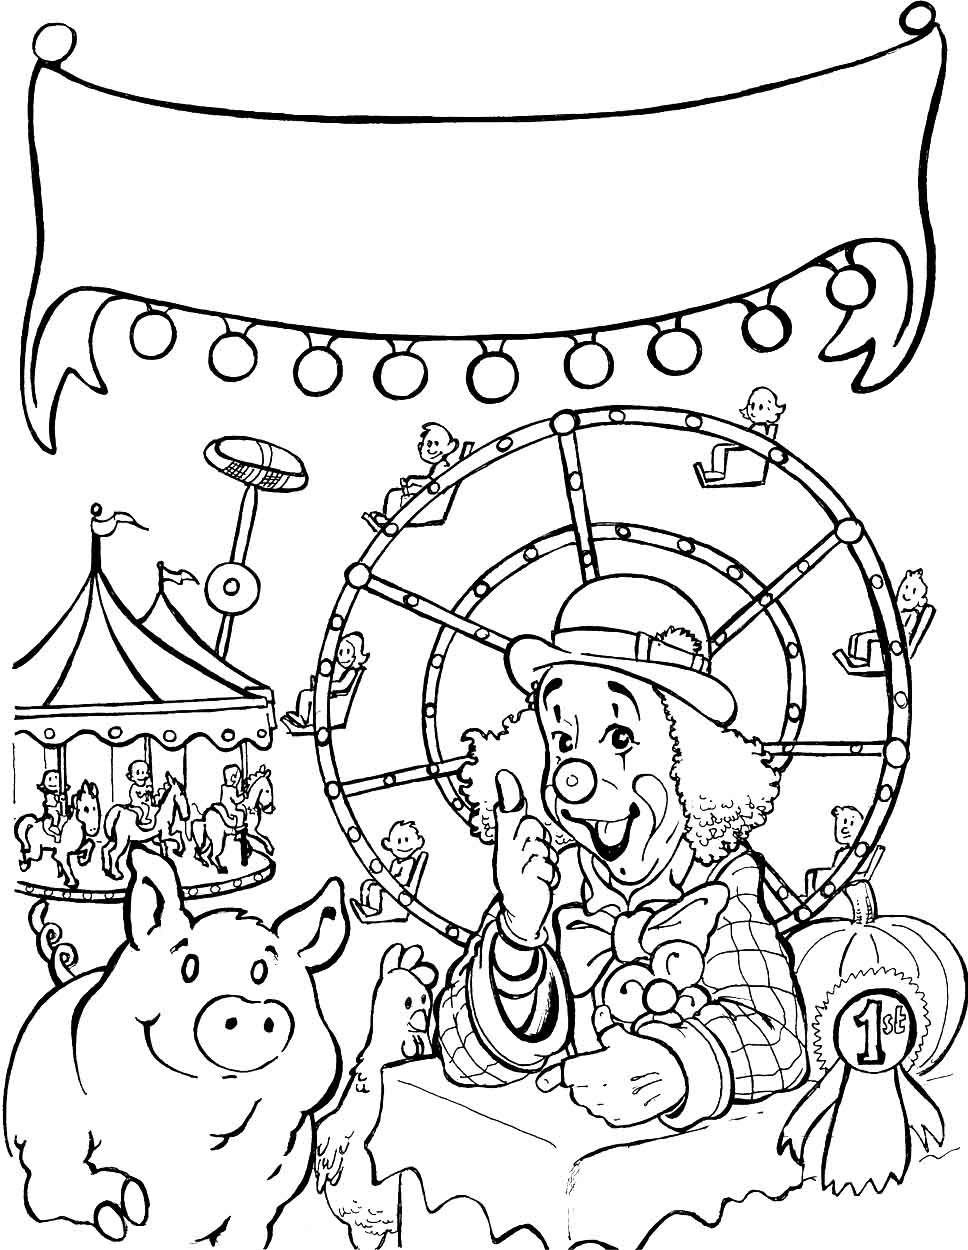 968x1250 Pig